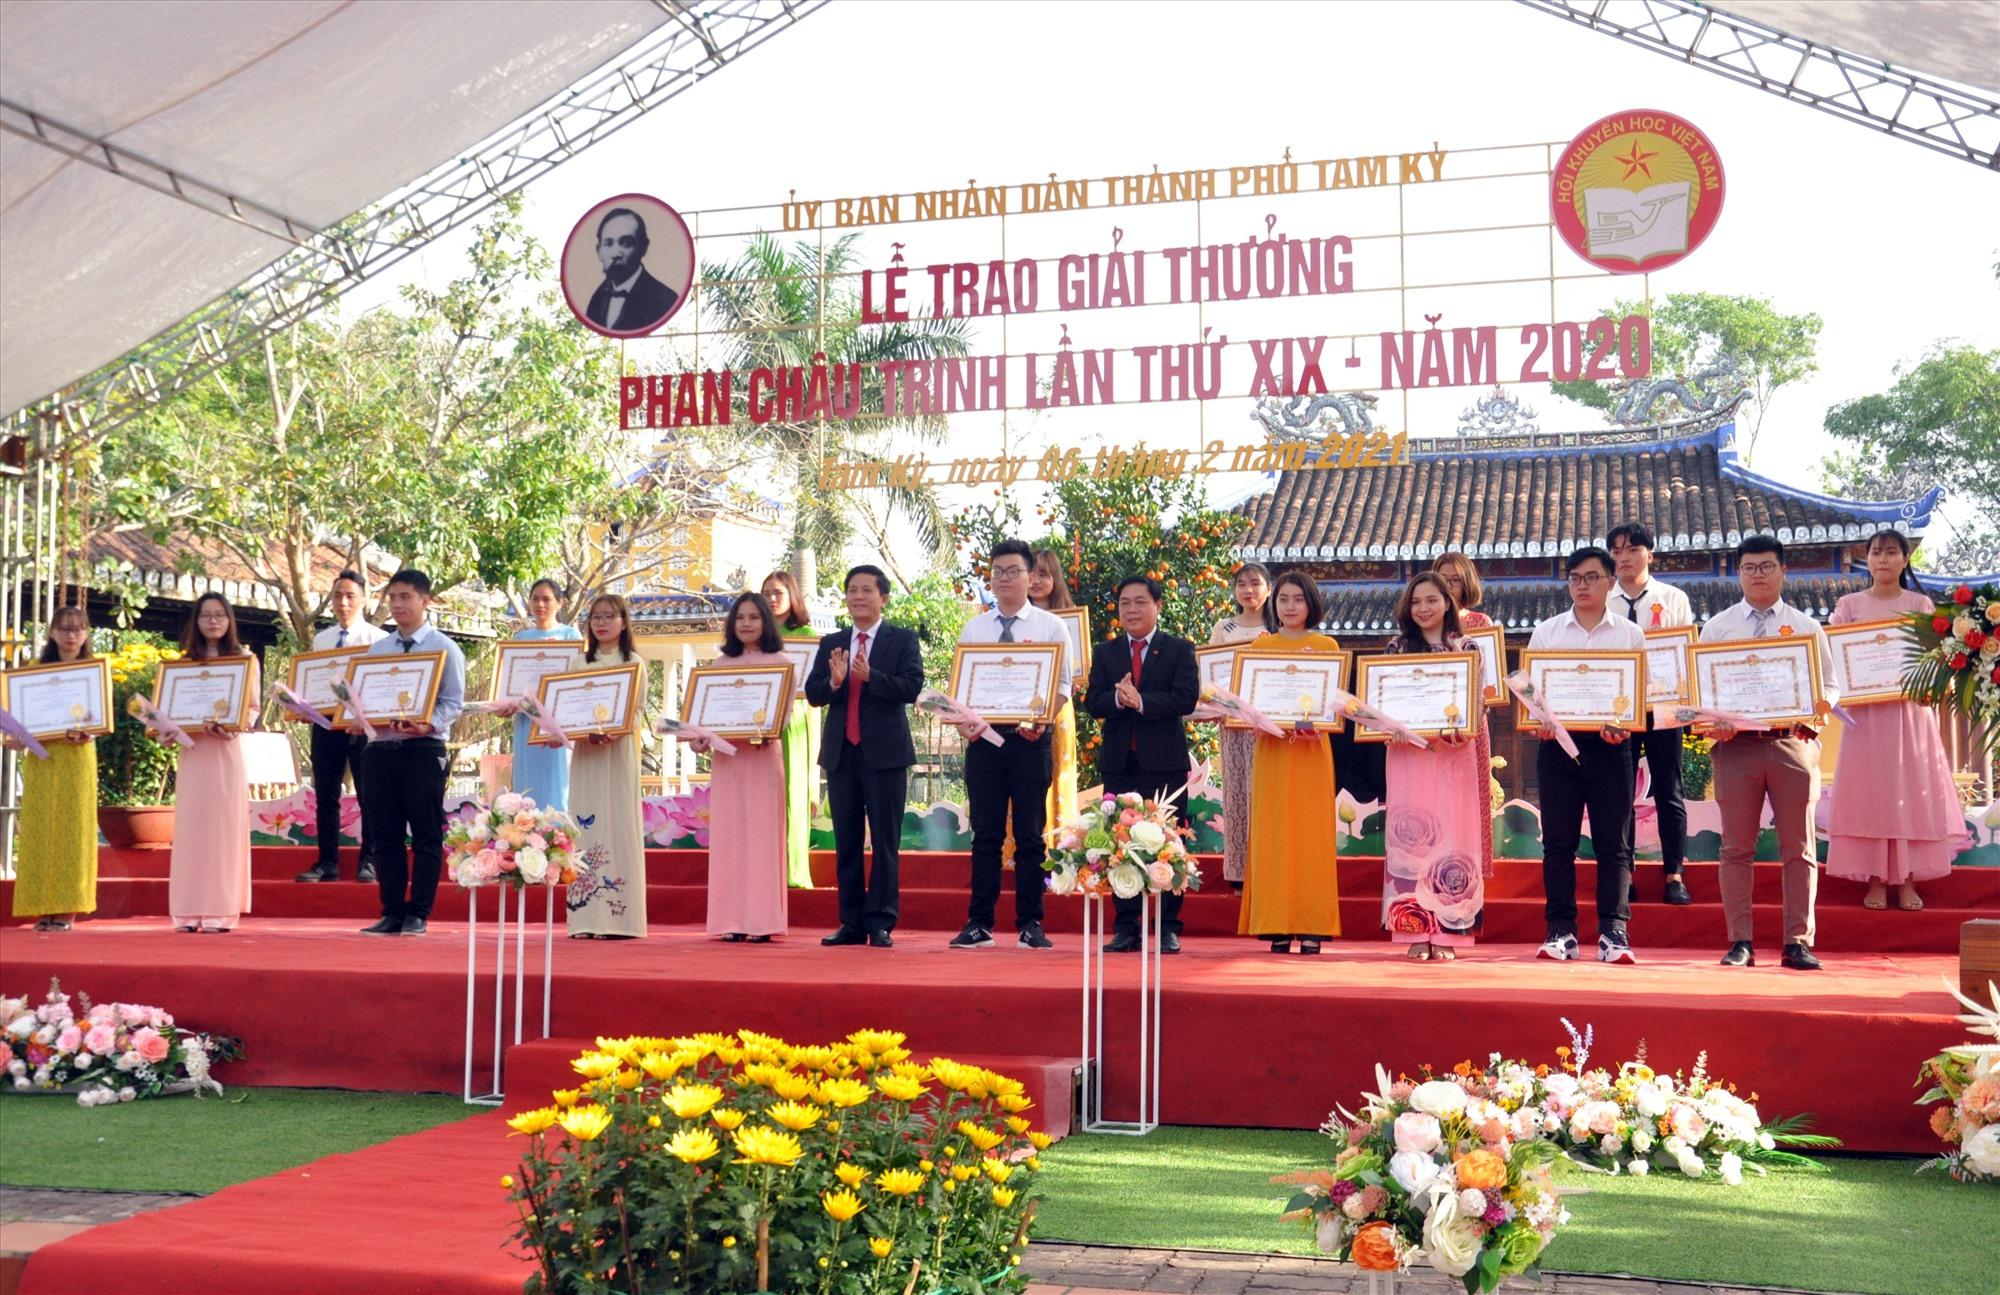 Tam Kỳ trao Giải thưởng Phan Châu Trinh lần thứ 19 vào dịp cận Tết Tân Sửu. Ảnh: X.P